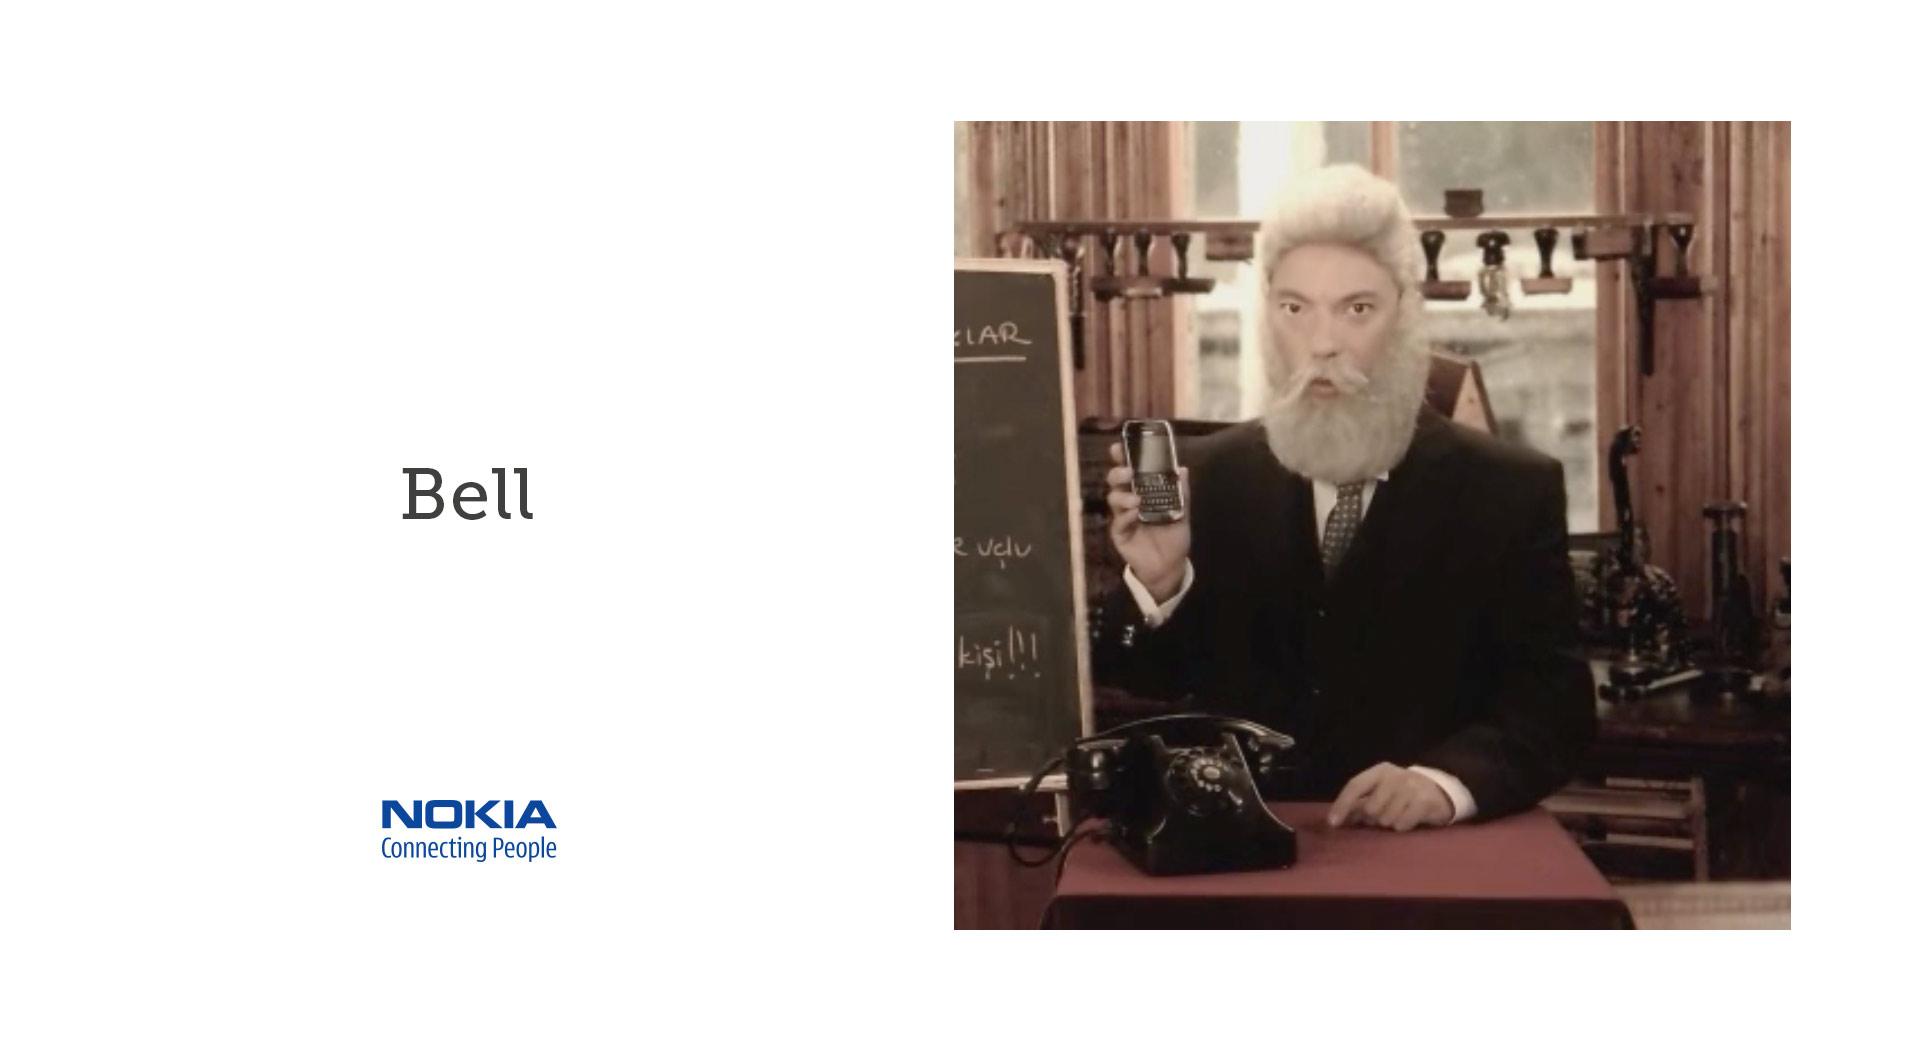 nokia_bell